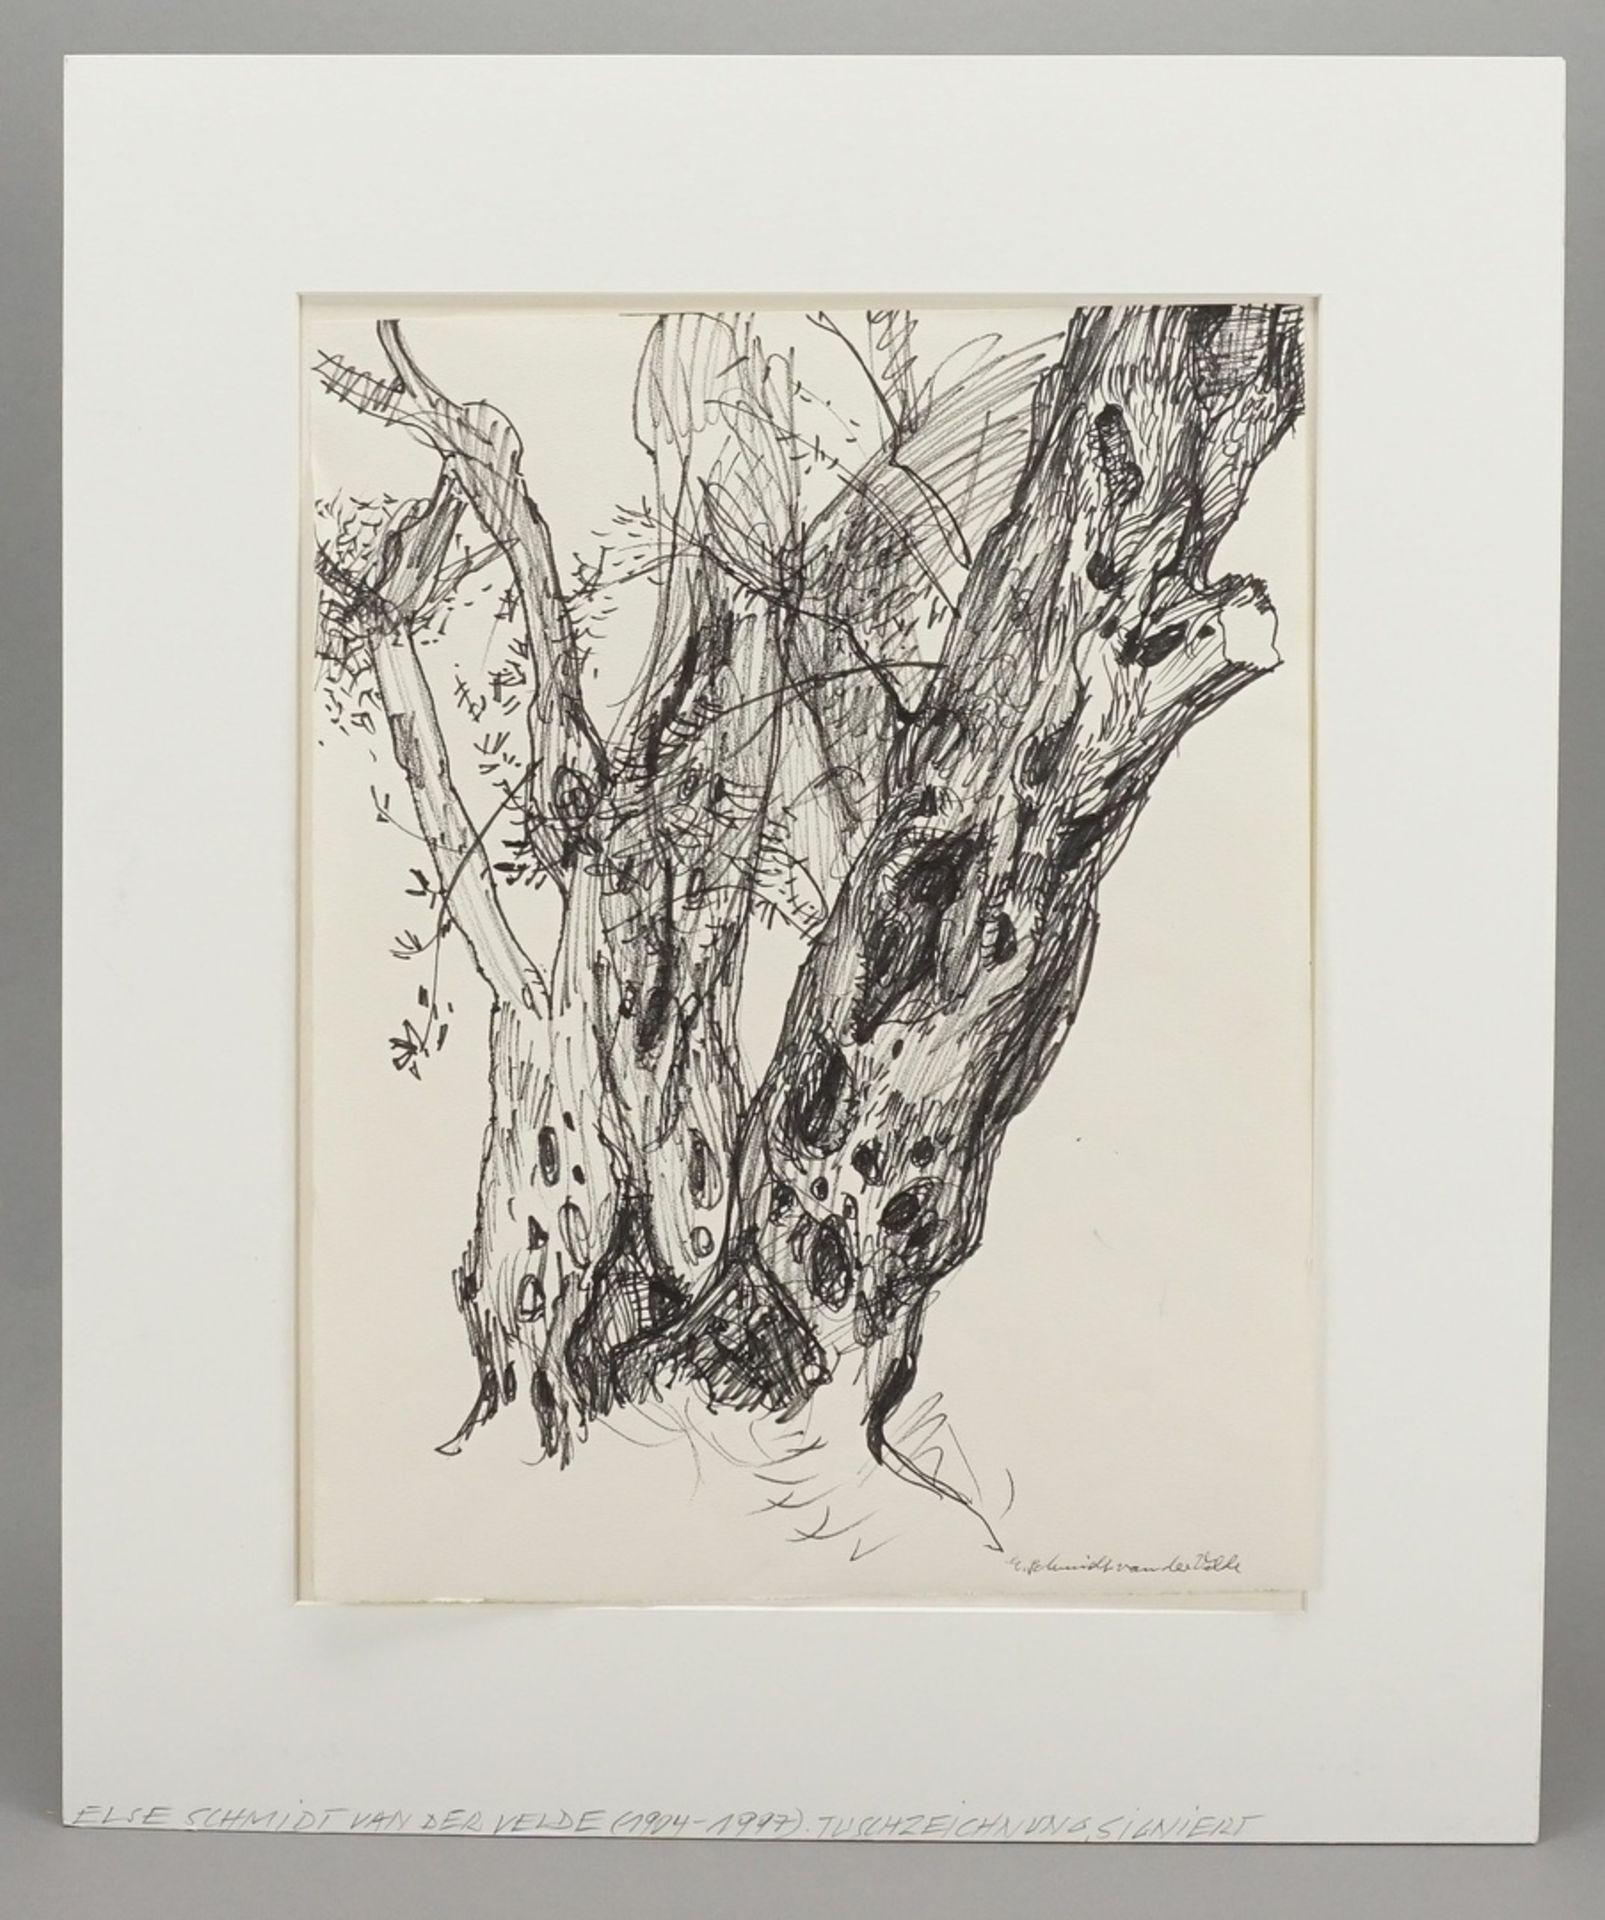 """Else Schmidt van der Velde, """"Alter Baum"""" - Bild 2 aus 4"""